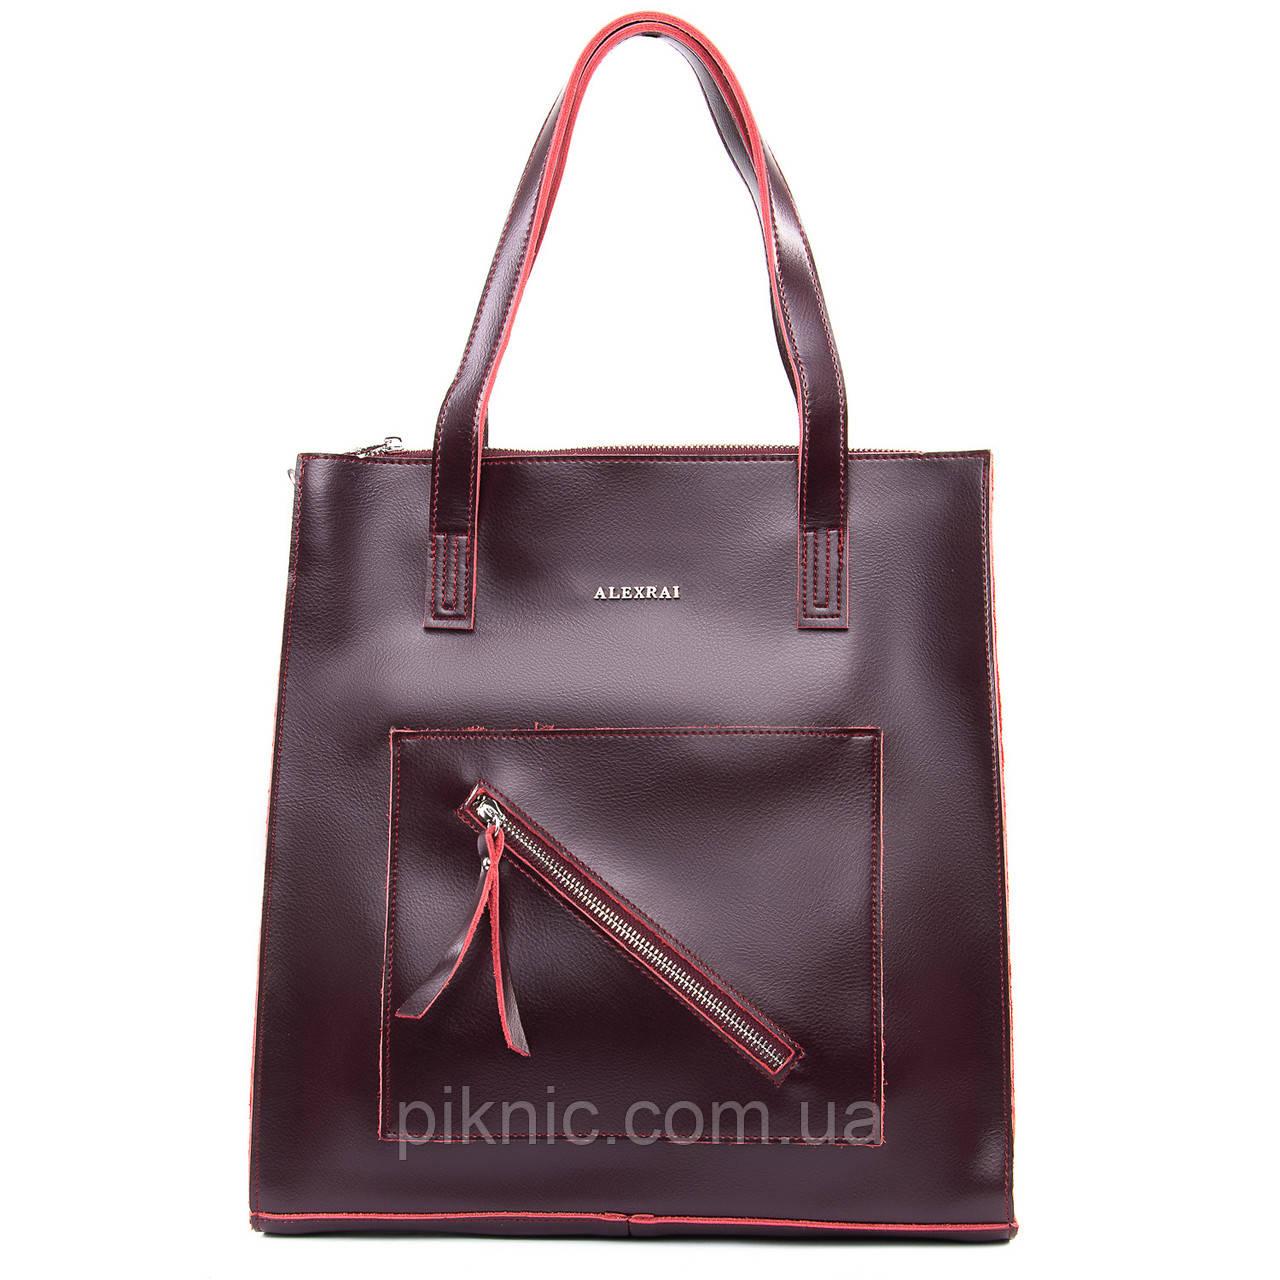 Стильная средняя женская сумка кожаная на плечо. Сумочка из натуральной кожи. 33*34*10 Бордо